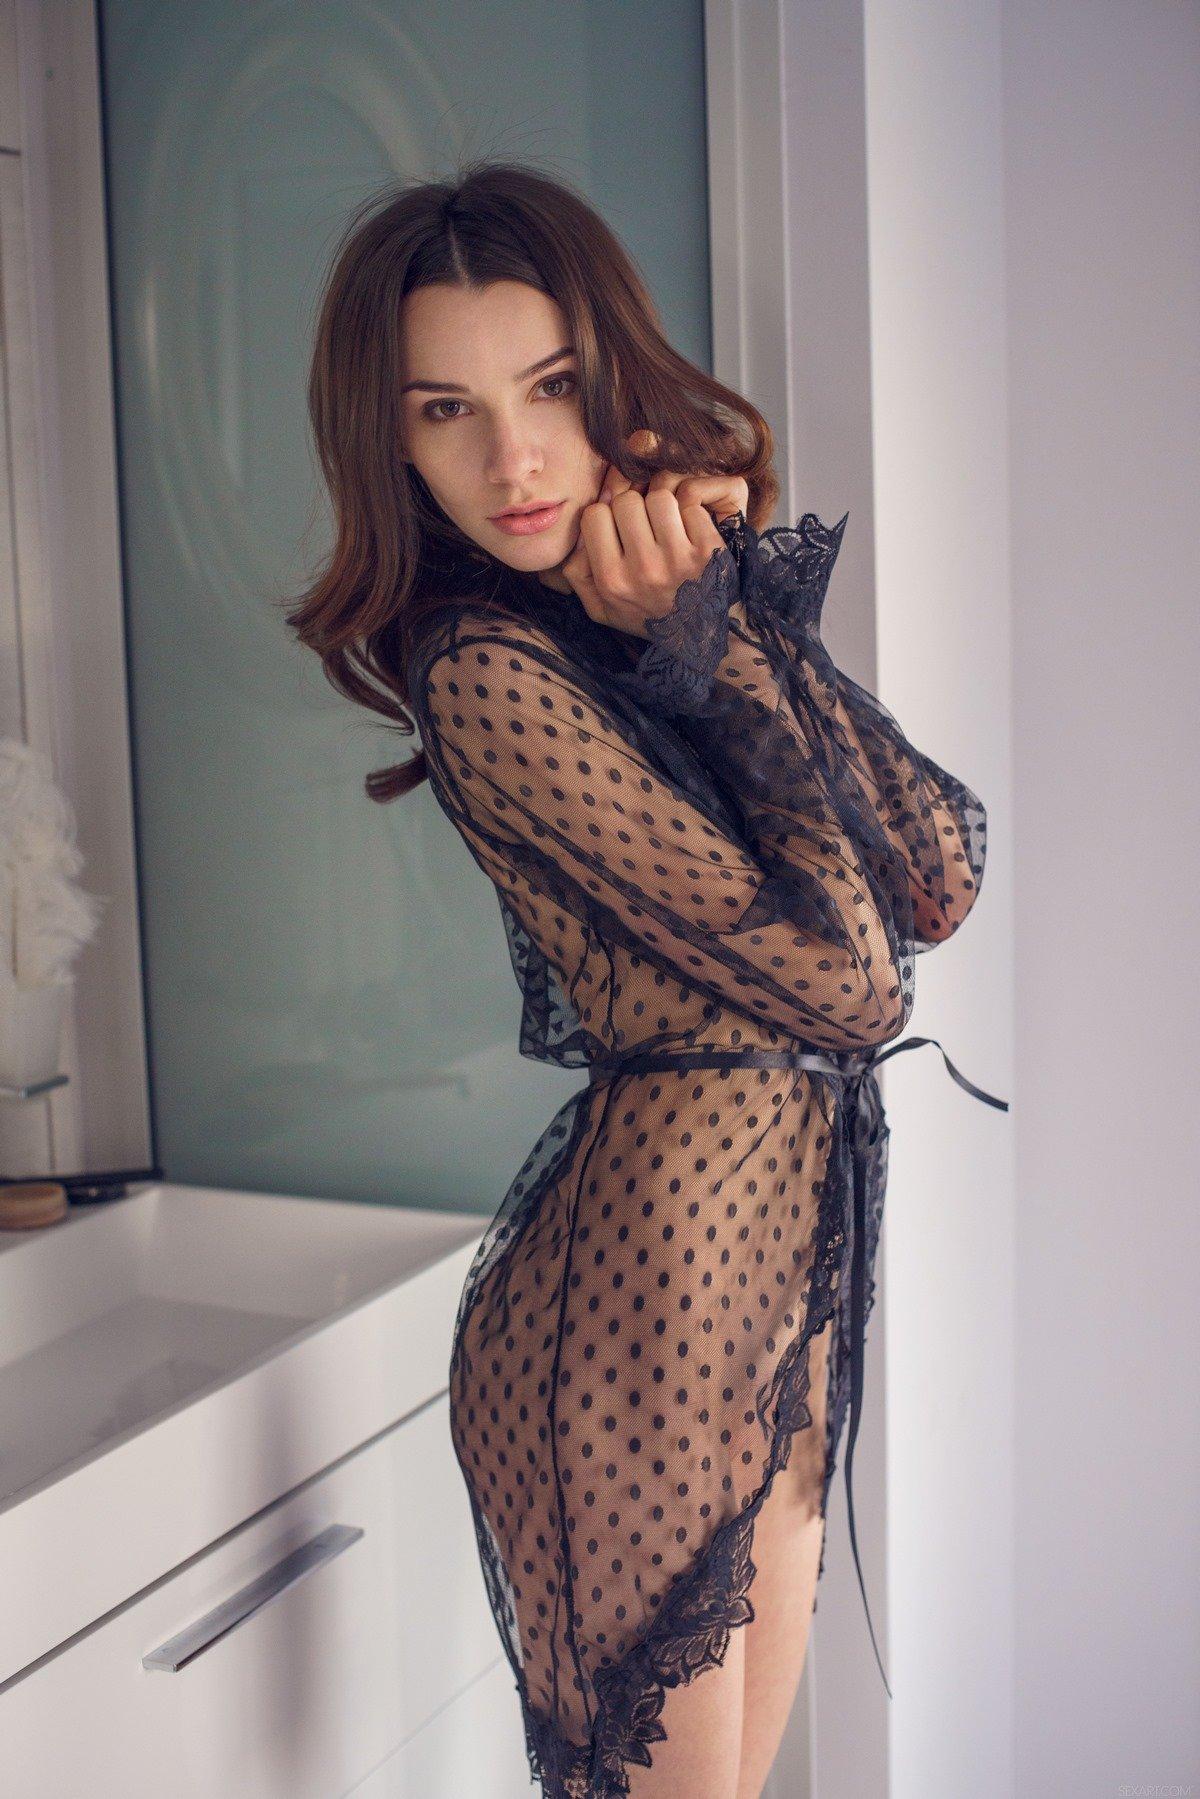 Порно фото девушка в прозрачном пеньюаре